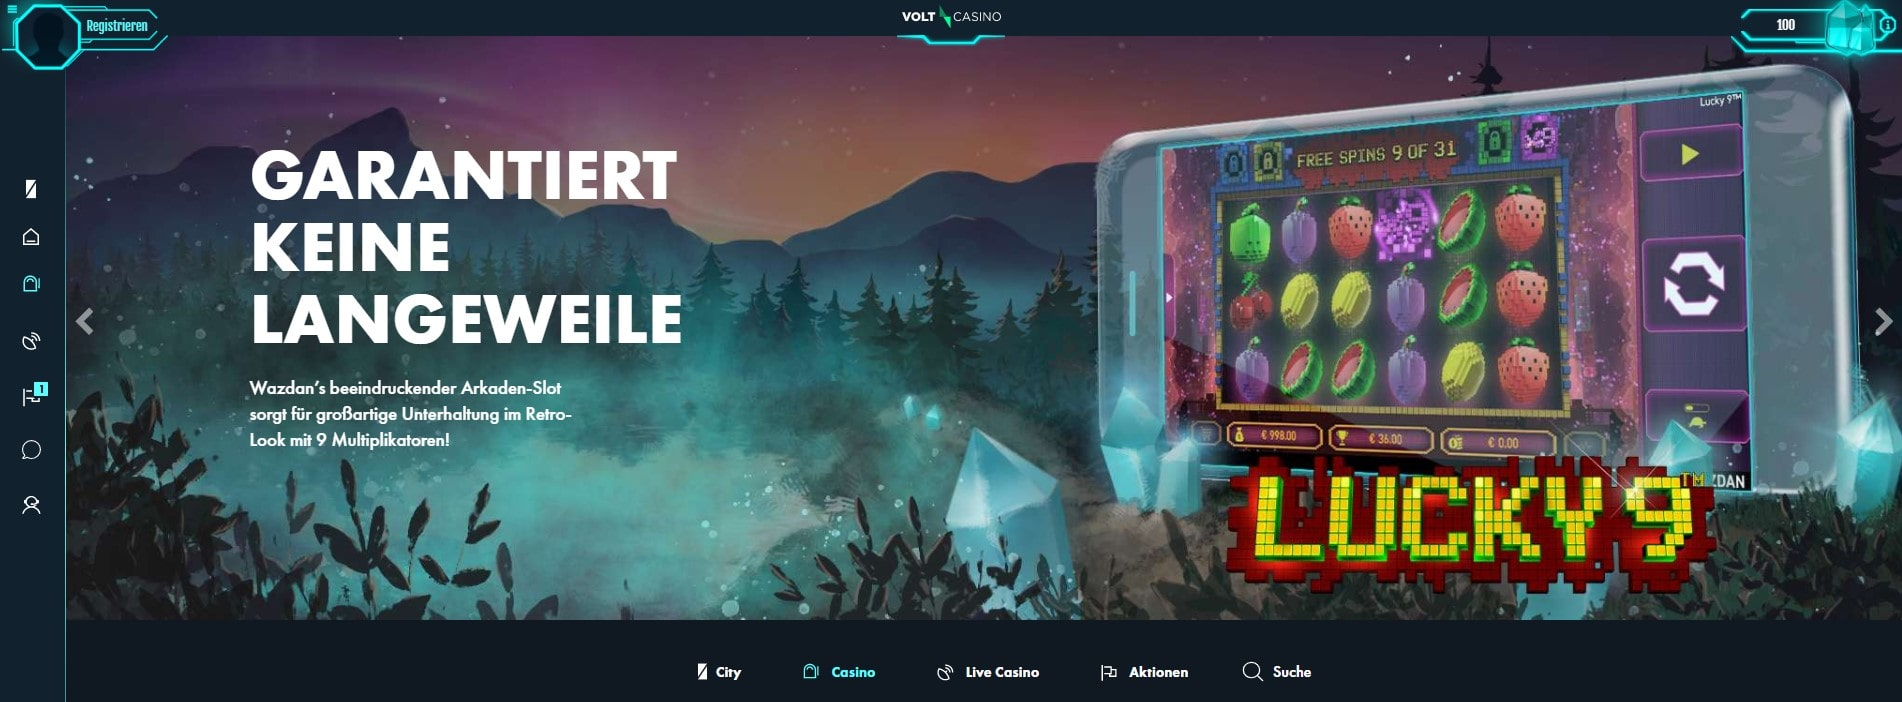 Volt Casino Startseite